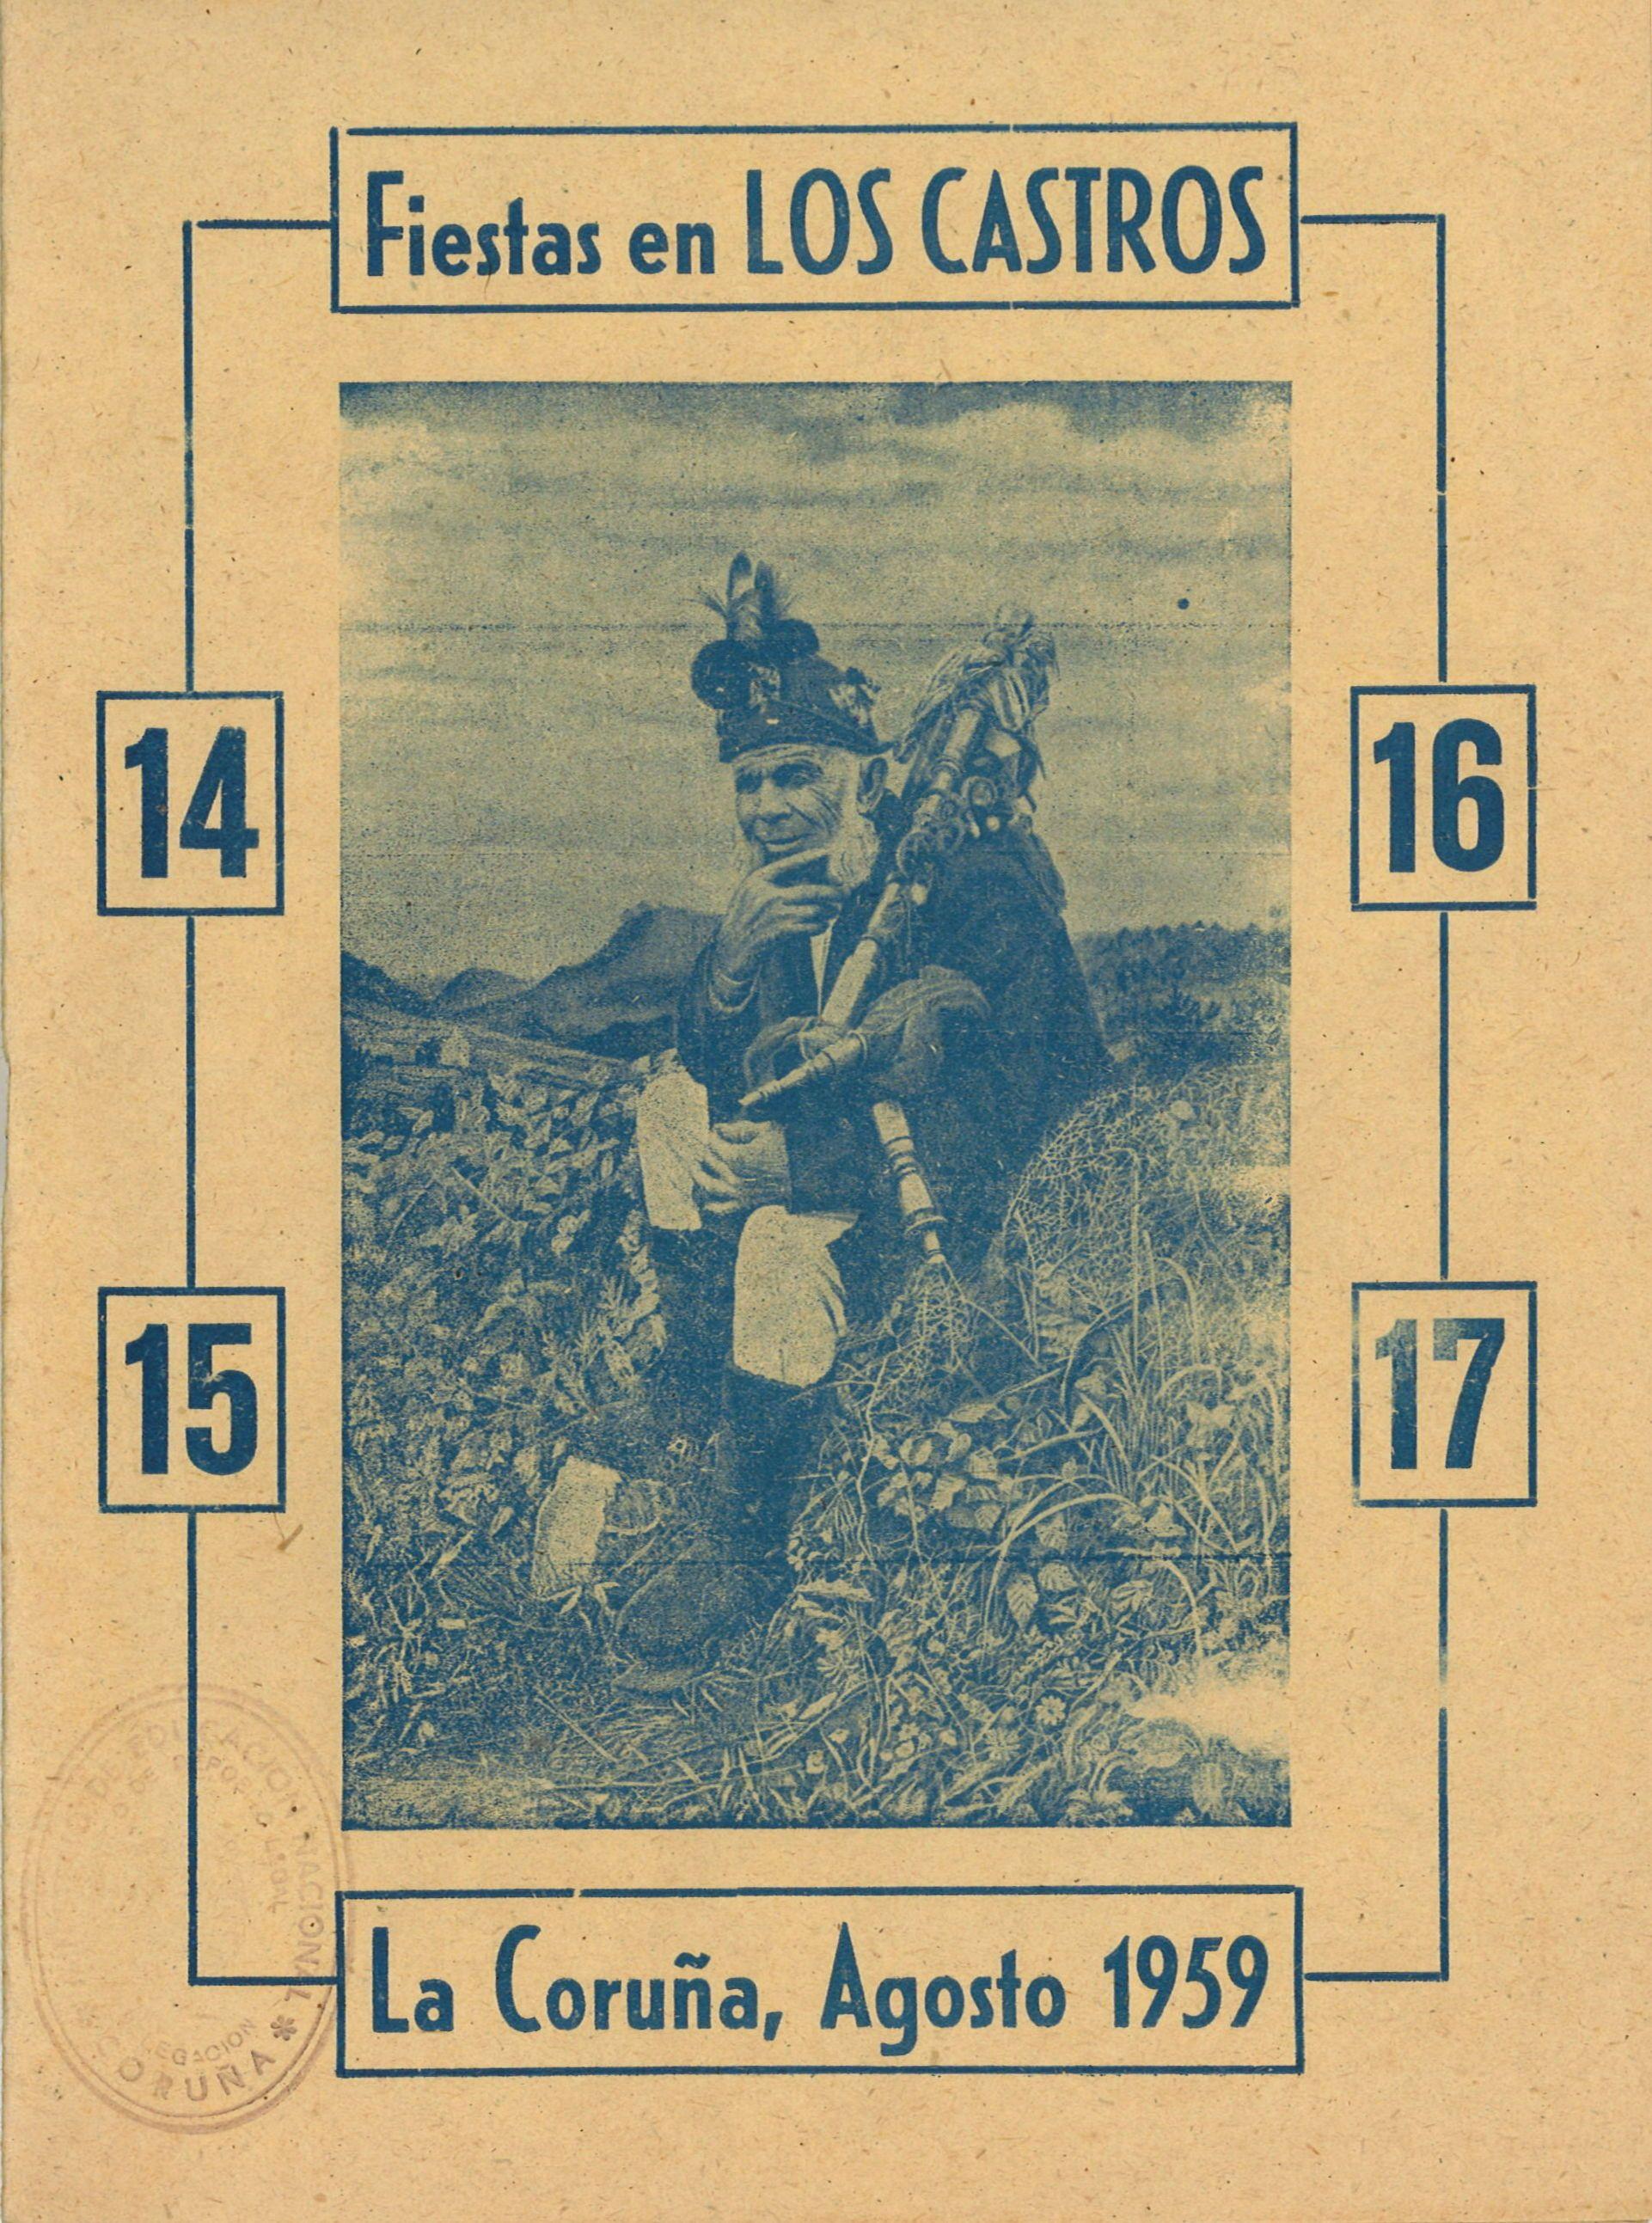 Fiestas En Los Castros 14 15 16 17 La Coruña Agosto 1959 Programa A Coruña Carteles De Fiesta Fotos Antiguas